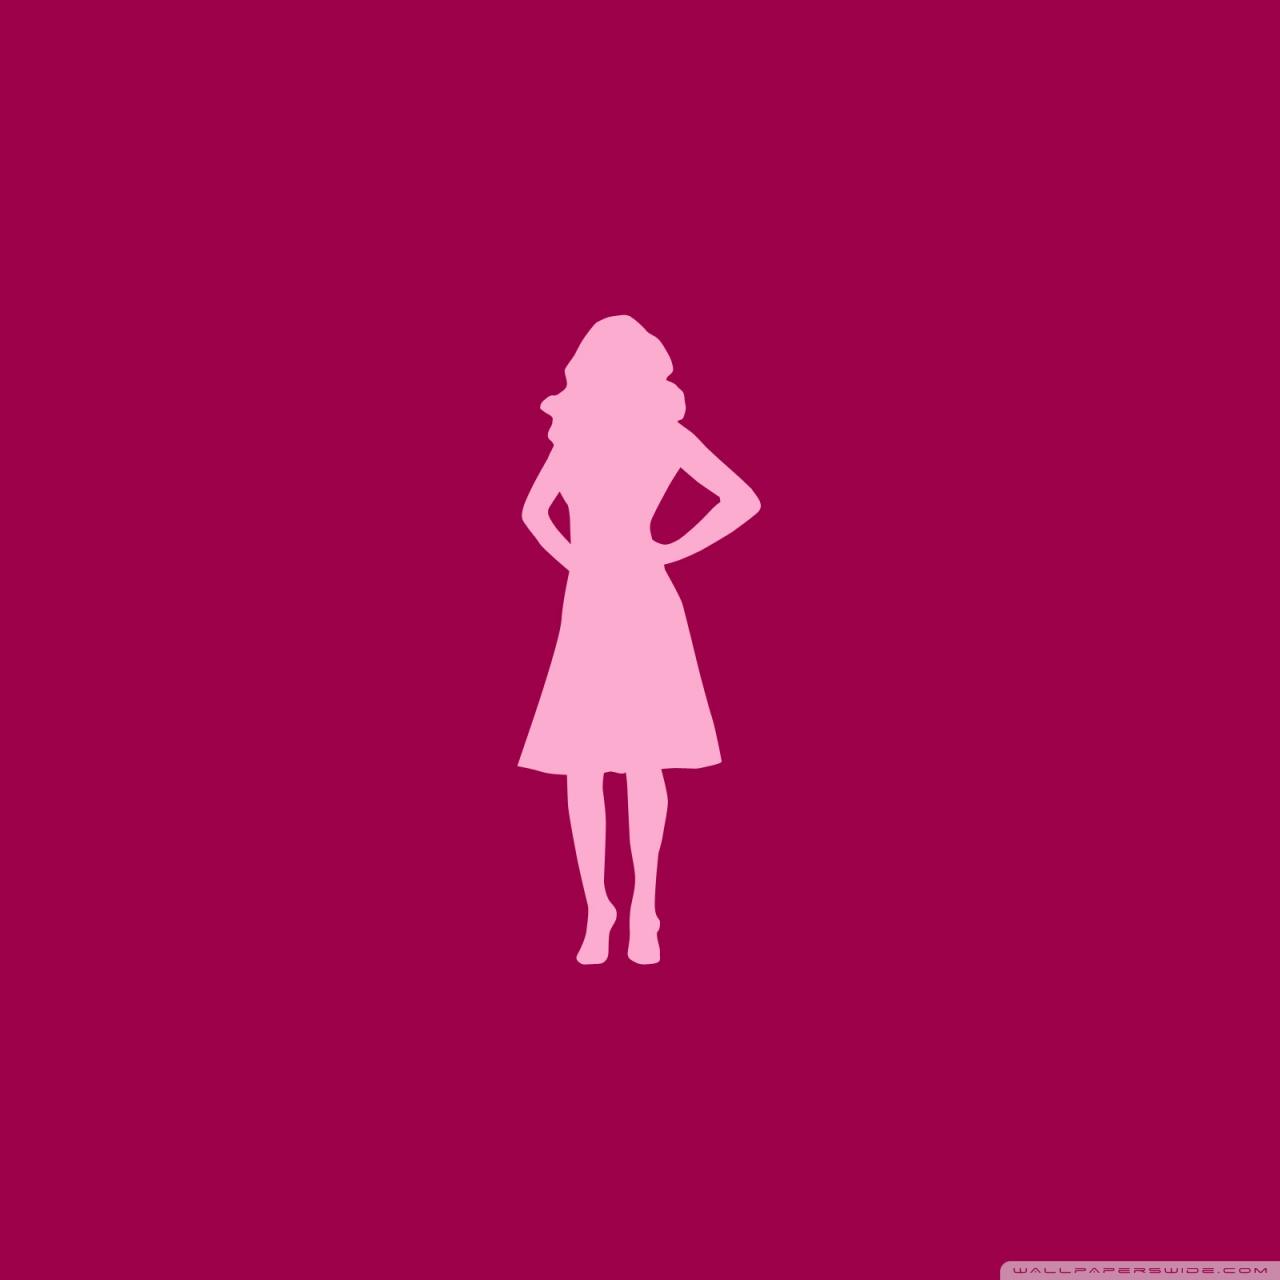 1280x1280 Pink Girl Silhouette 4k Hd Desktop Wallpaper For 4k Ultra Hd Tv